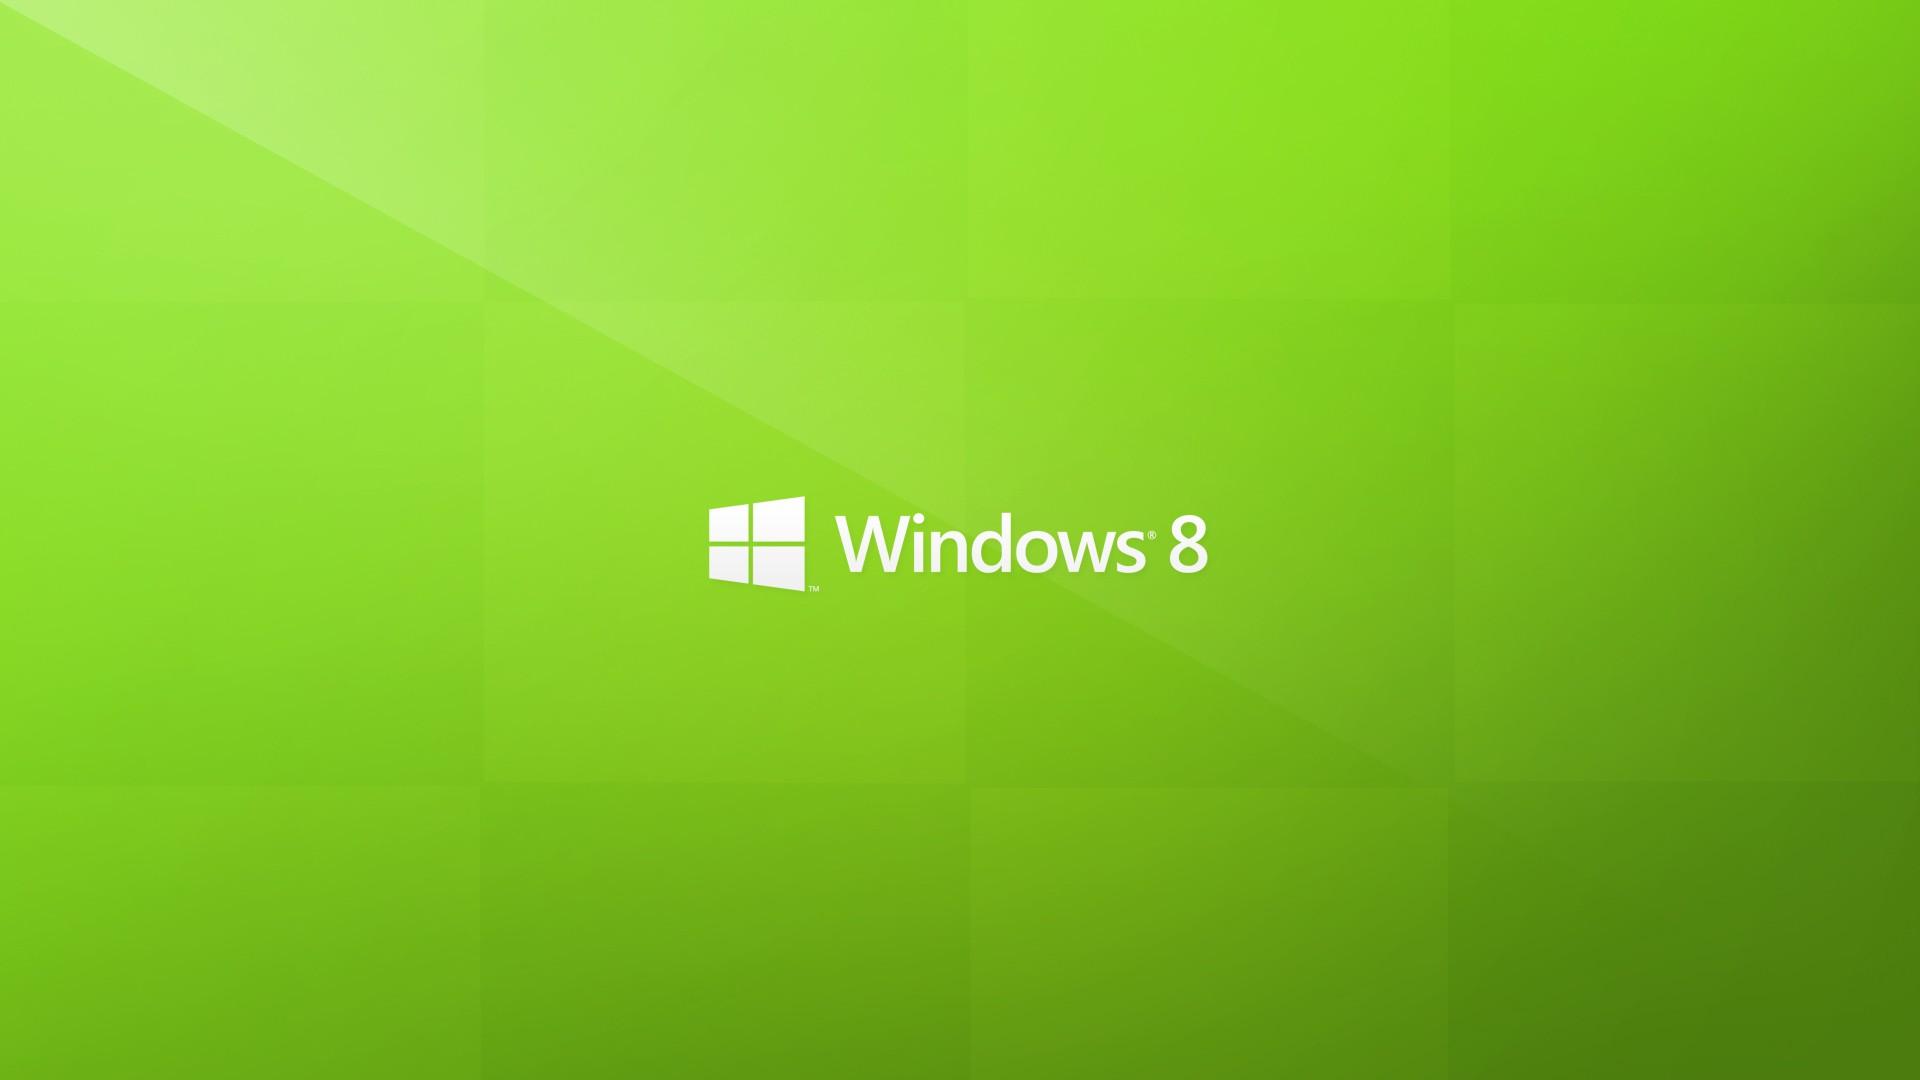 coders windows fan - photo #21